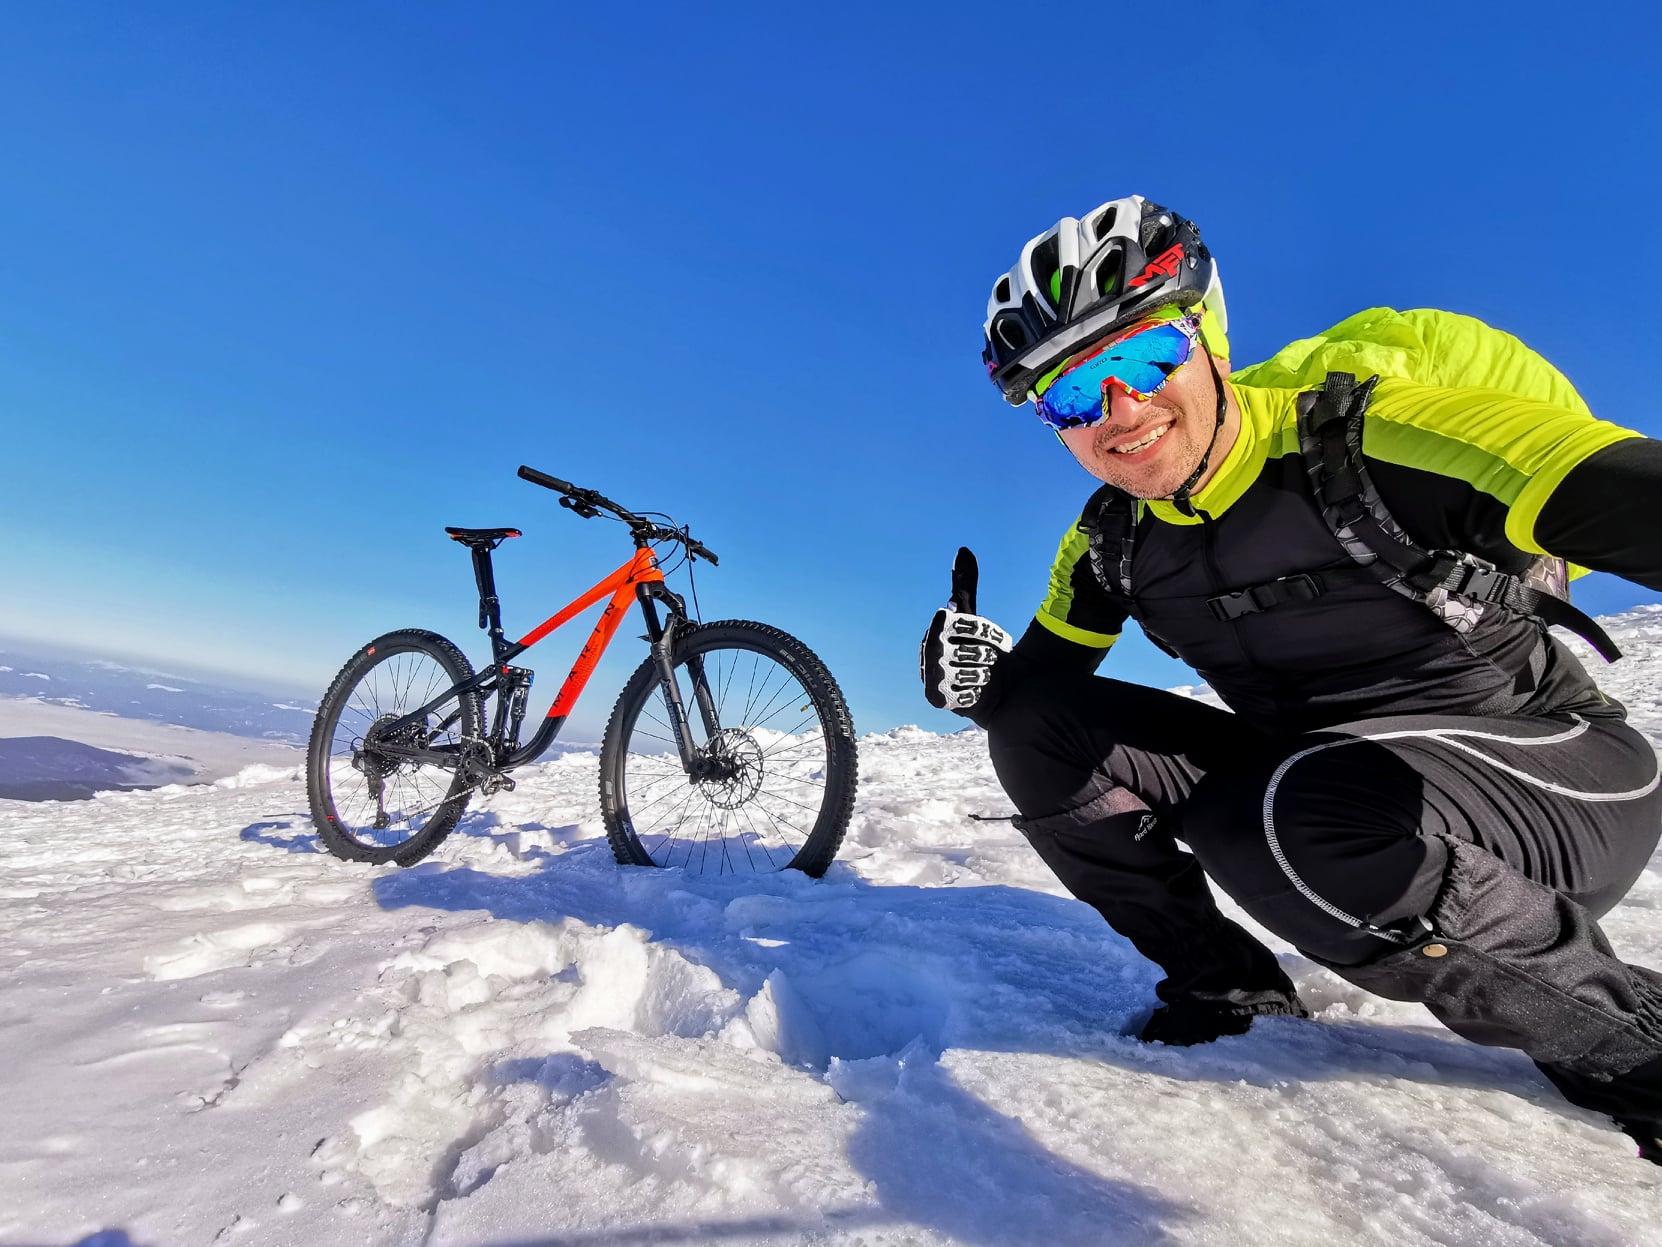 Франківець велосипедом піднявся на зимову Говерлу (ФОТО, ВІДЕО)